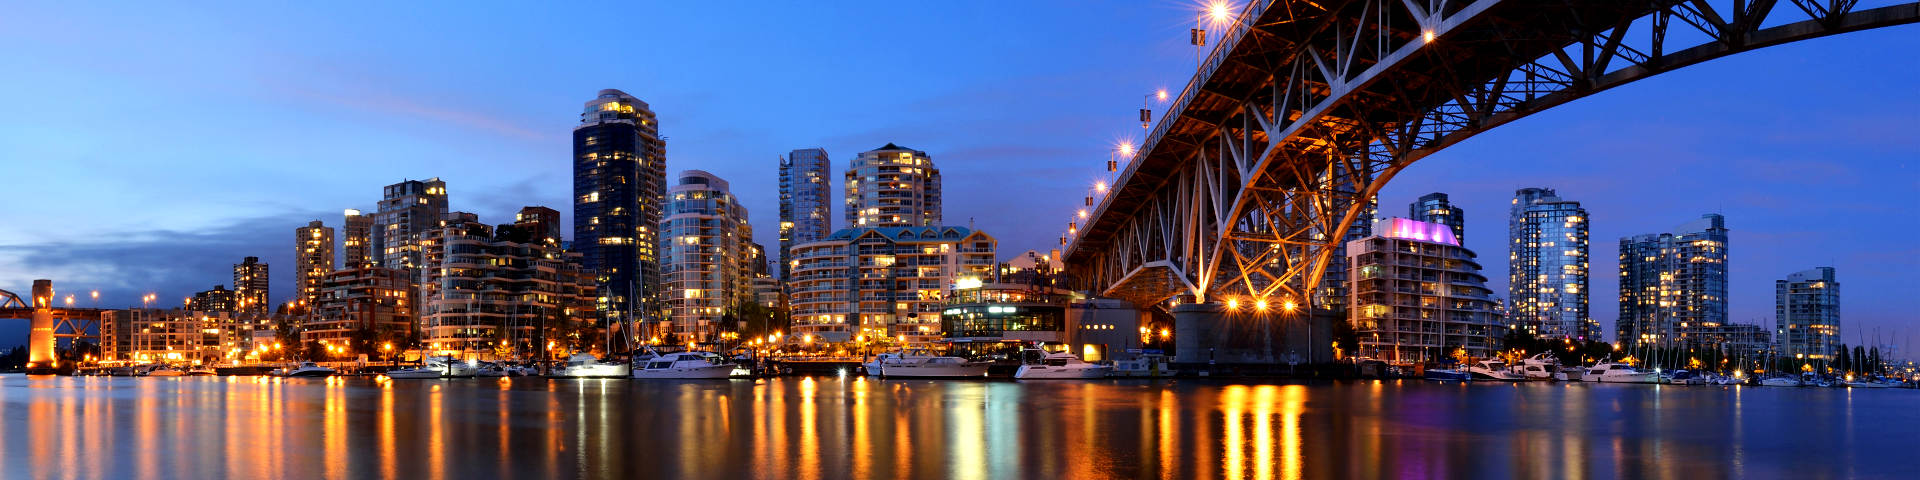 Vancouver canada flights hero